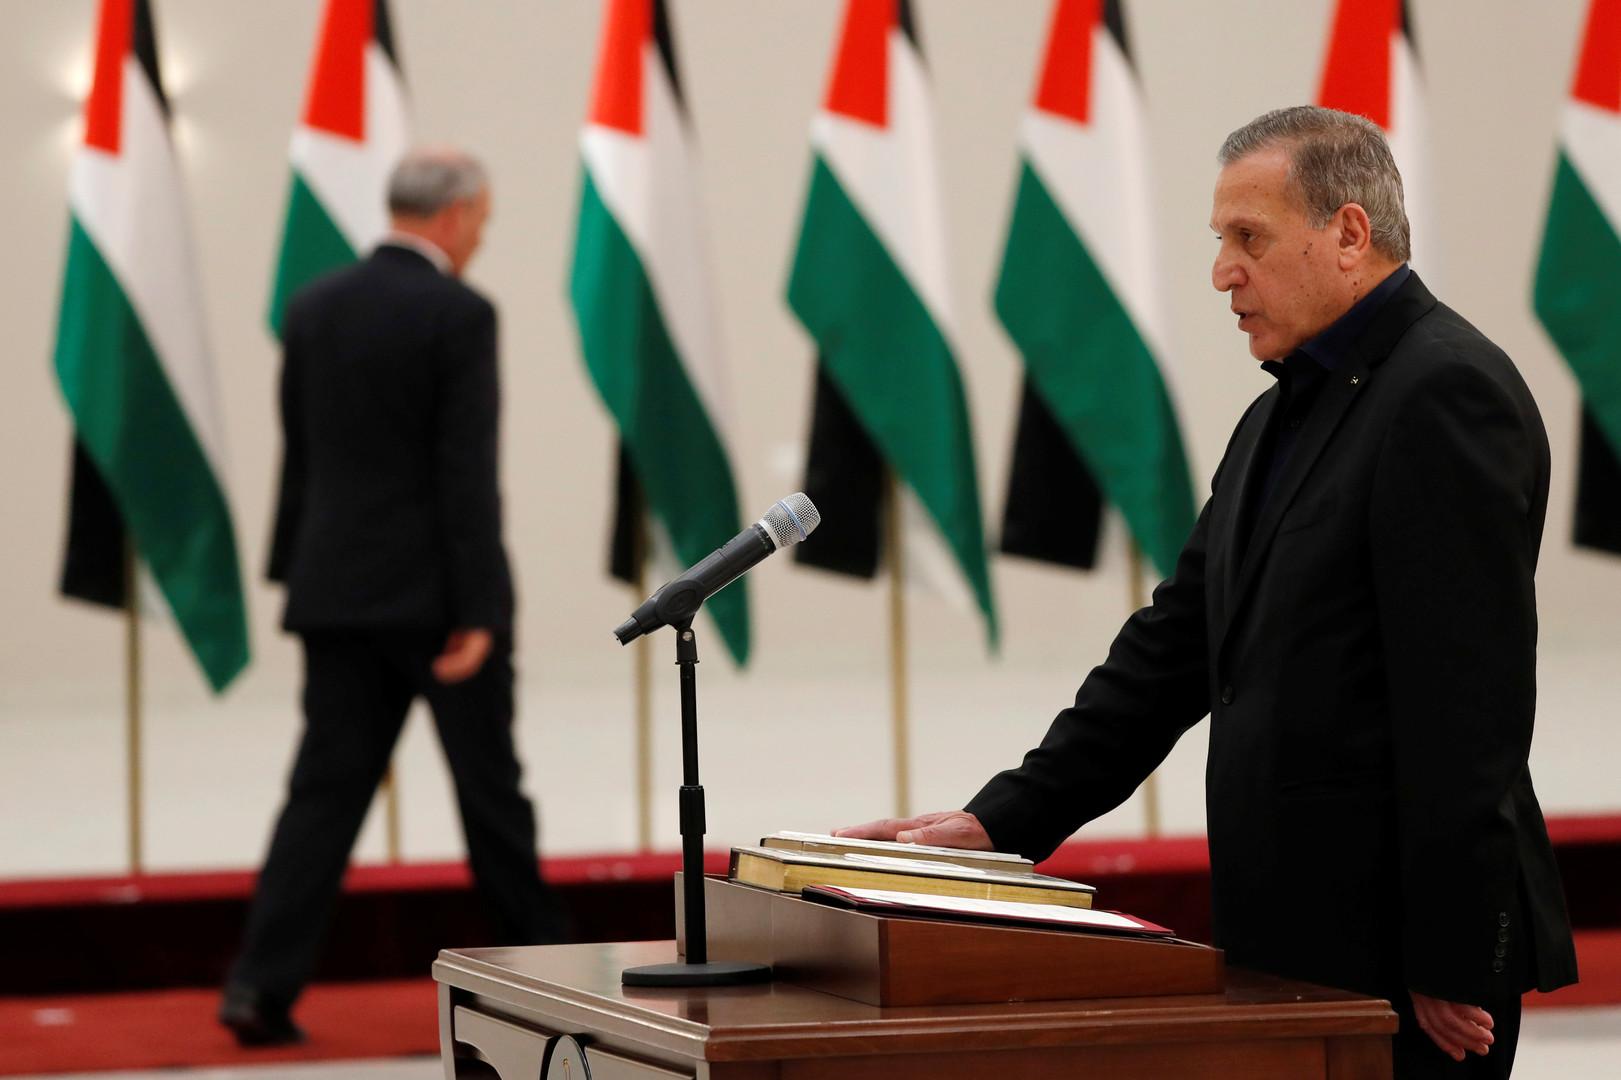 نائب رئيس الوزراء وزير الإعلام في الحكومة الفلسطينية نبيل أبو ردينة